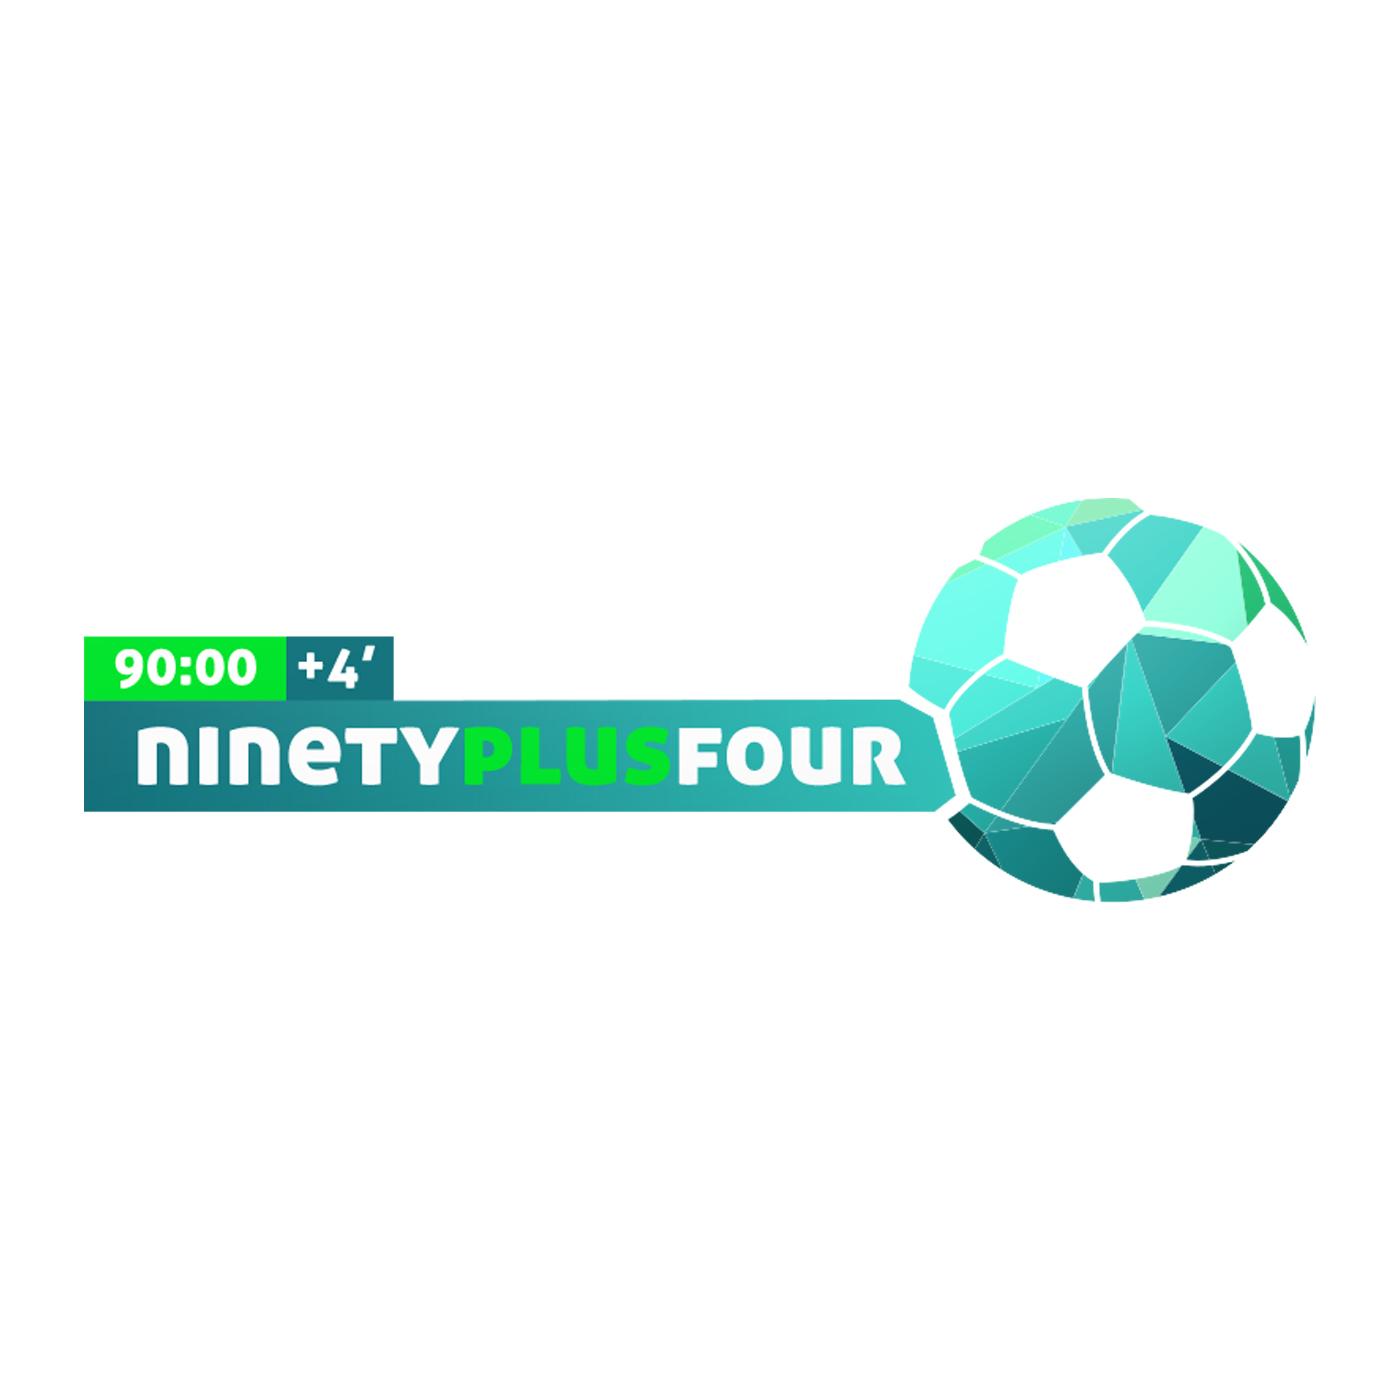 ninetyplusfour